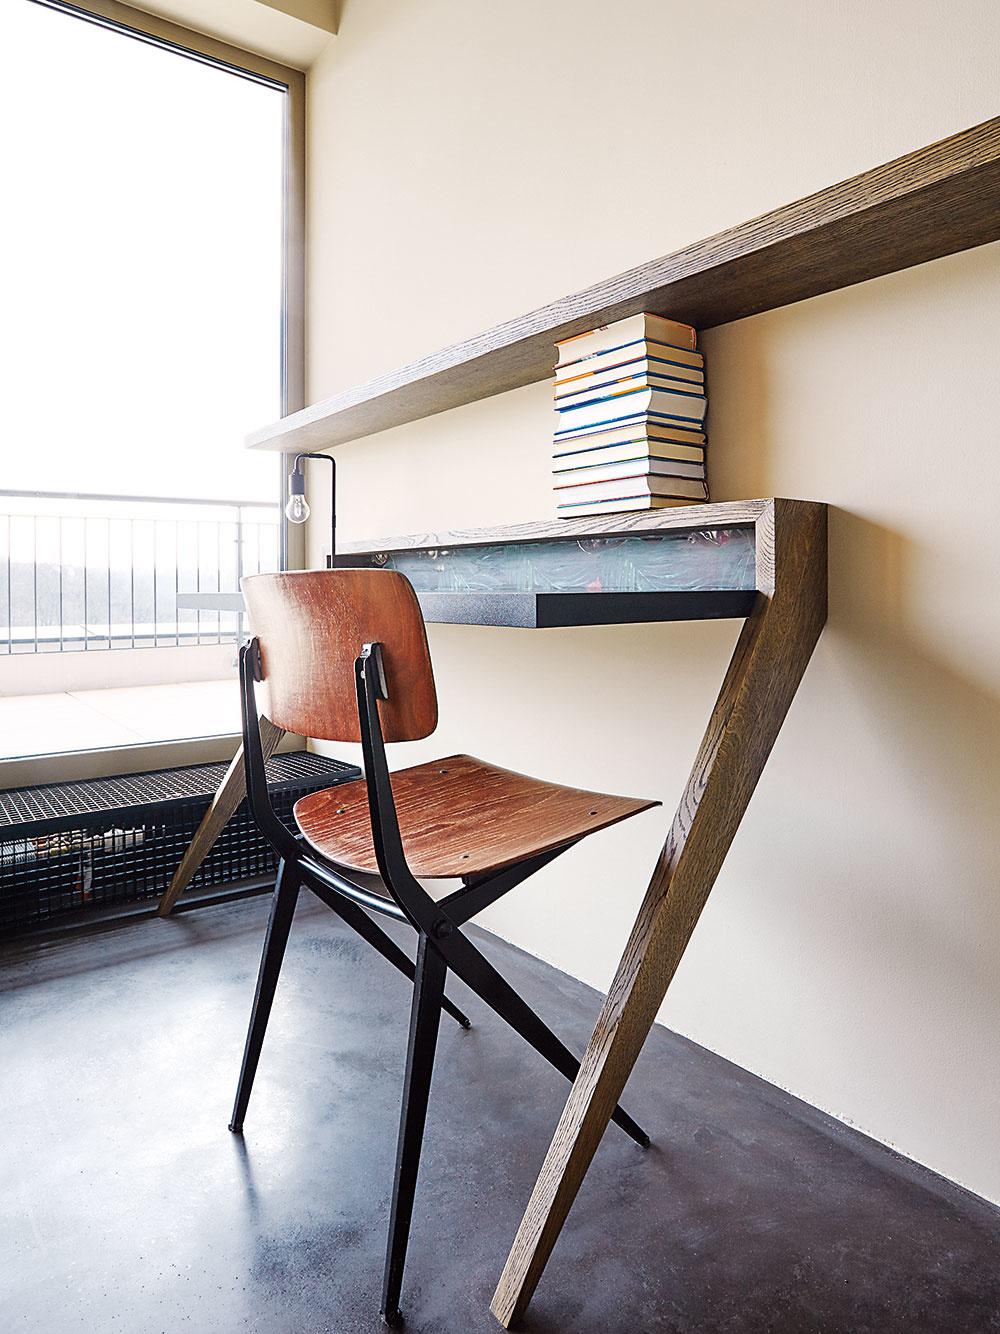 V detskej izbe sú dva minimalistické písacie stolíky, ku ktorým architektka doplnila jednoduché drevené stoličky Marko chairs.